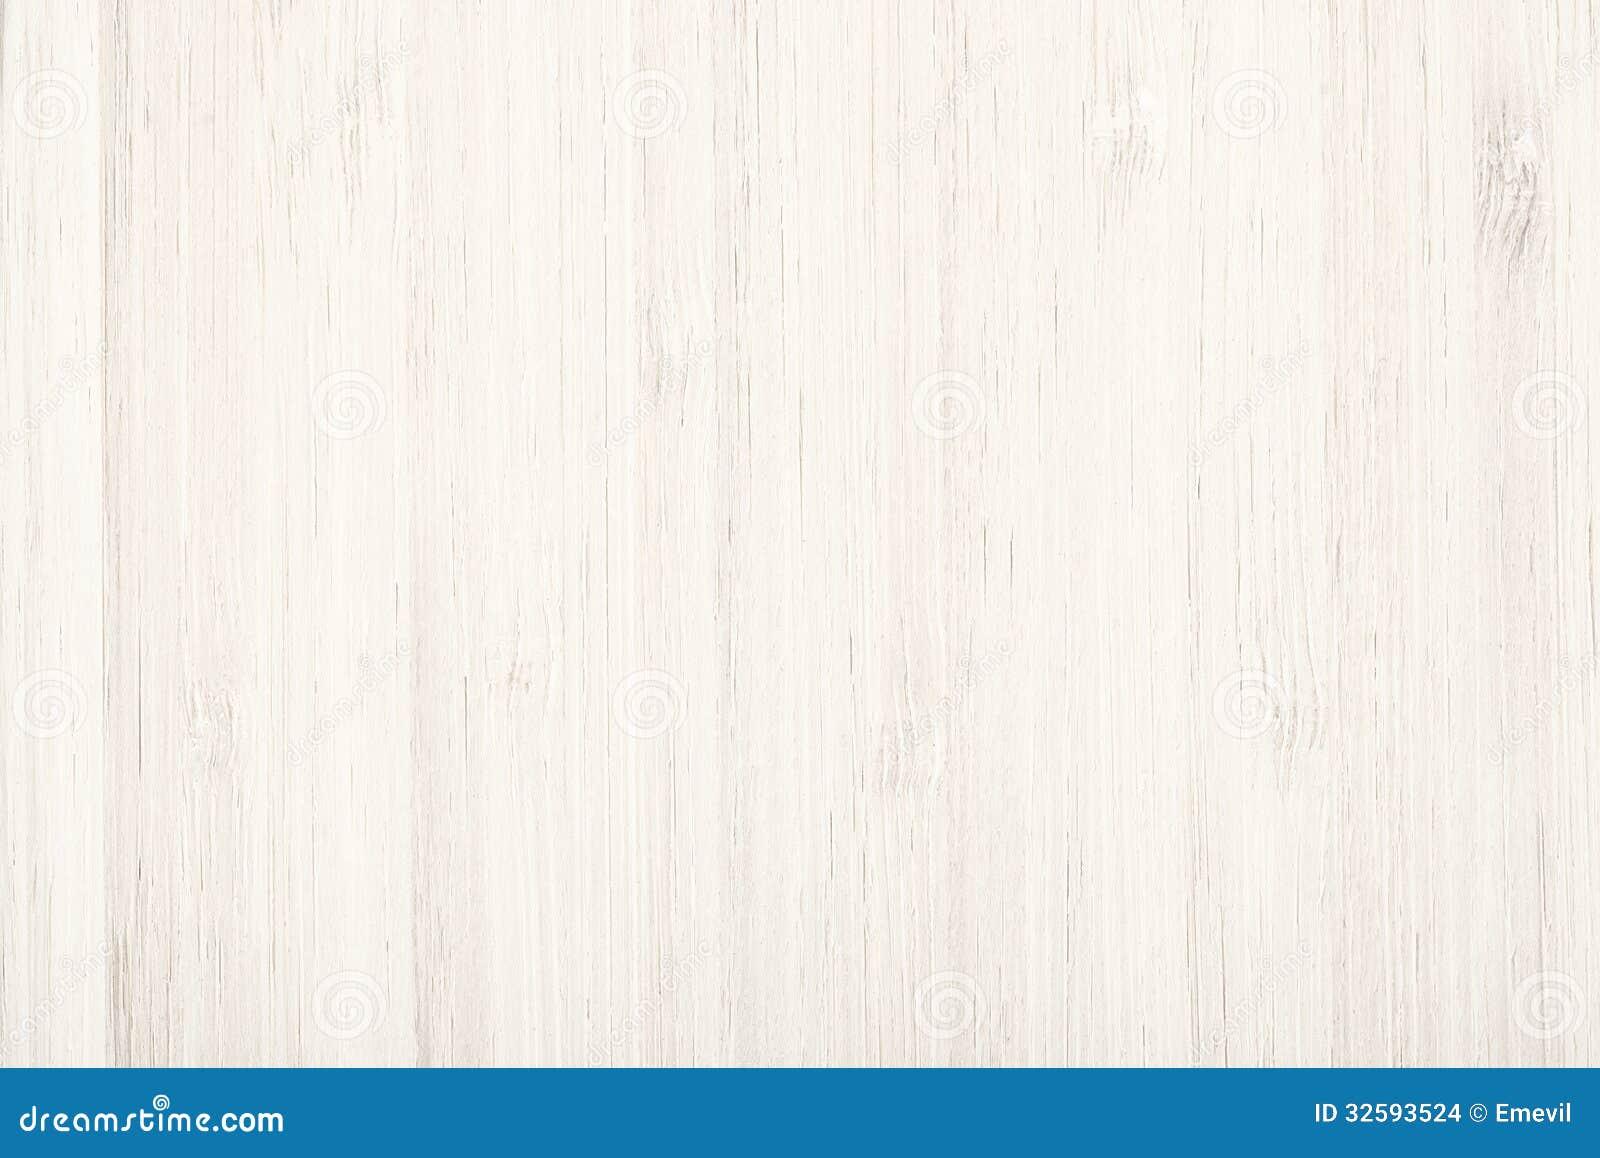 Image Bois Clair : Light Wooden Texture